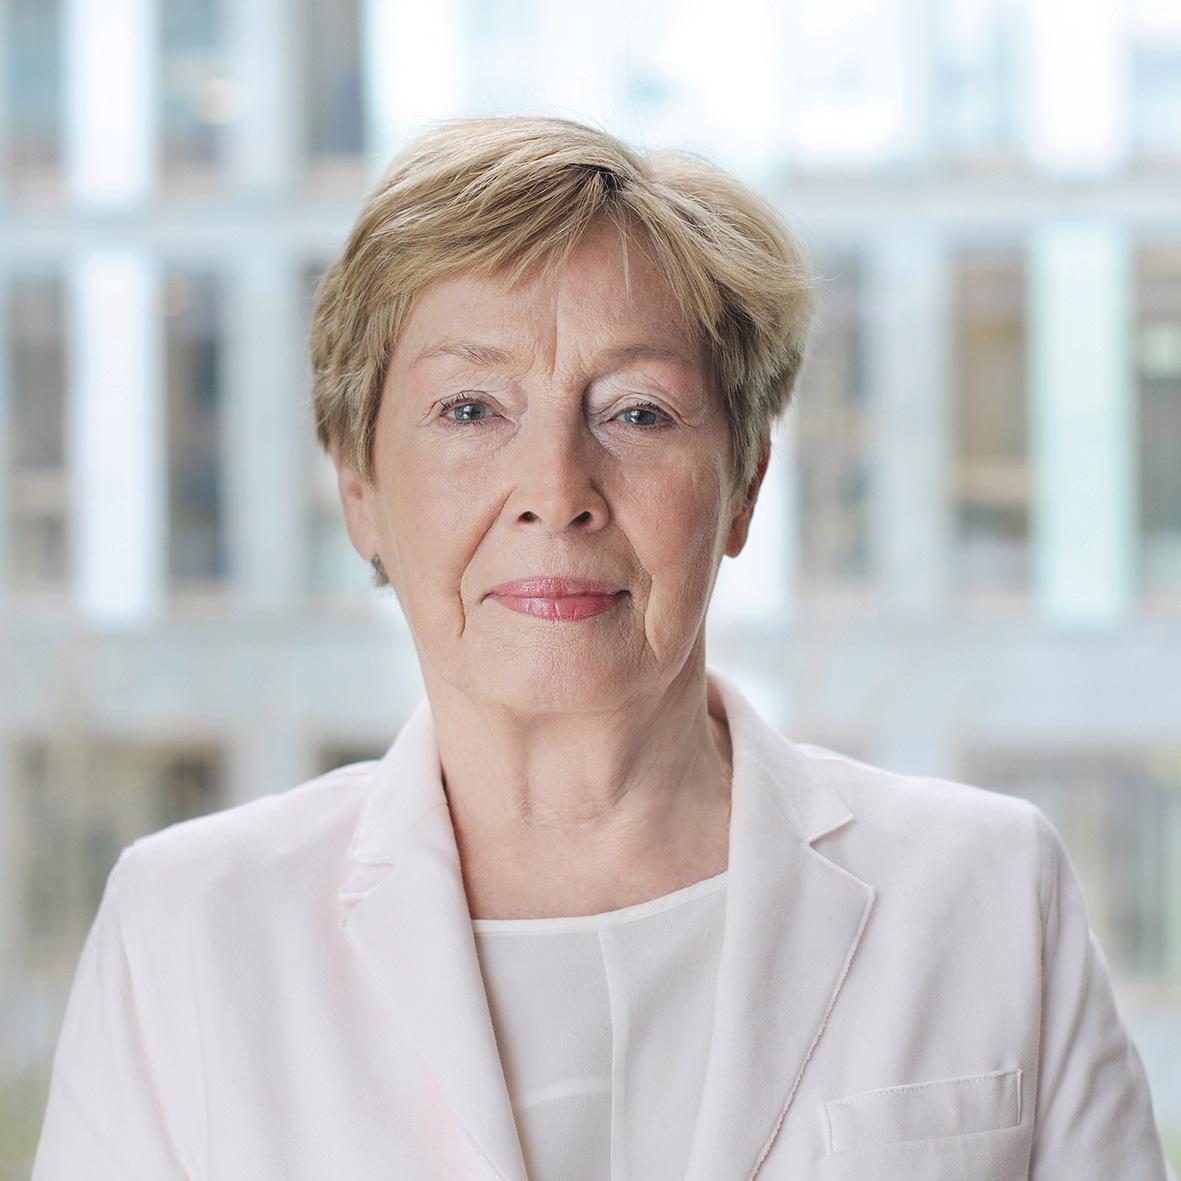 Kommissionsmitglied Christine Bergmann schaut lächelnd in die Kamera.